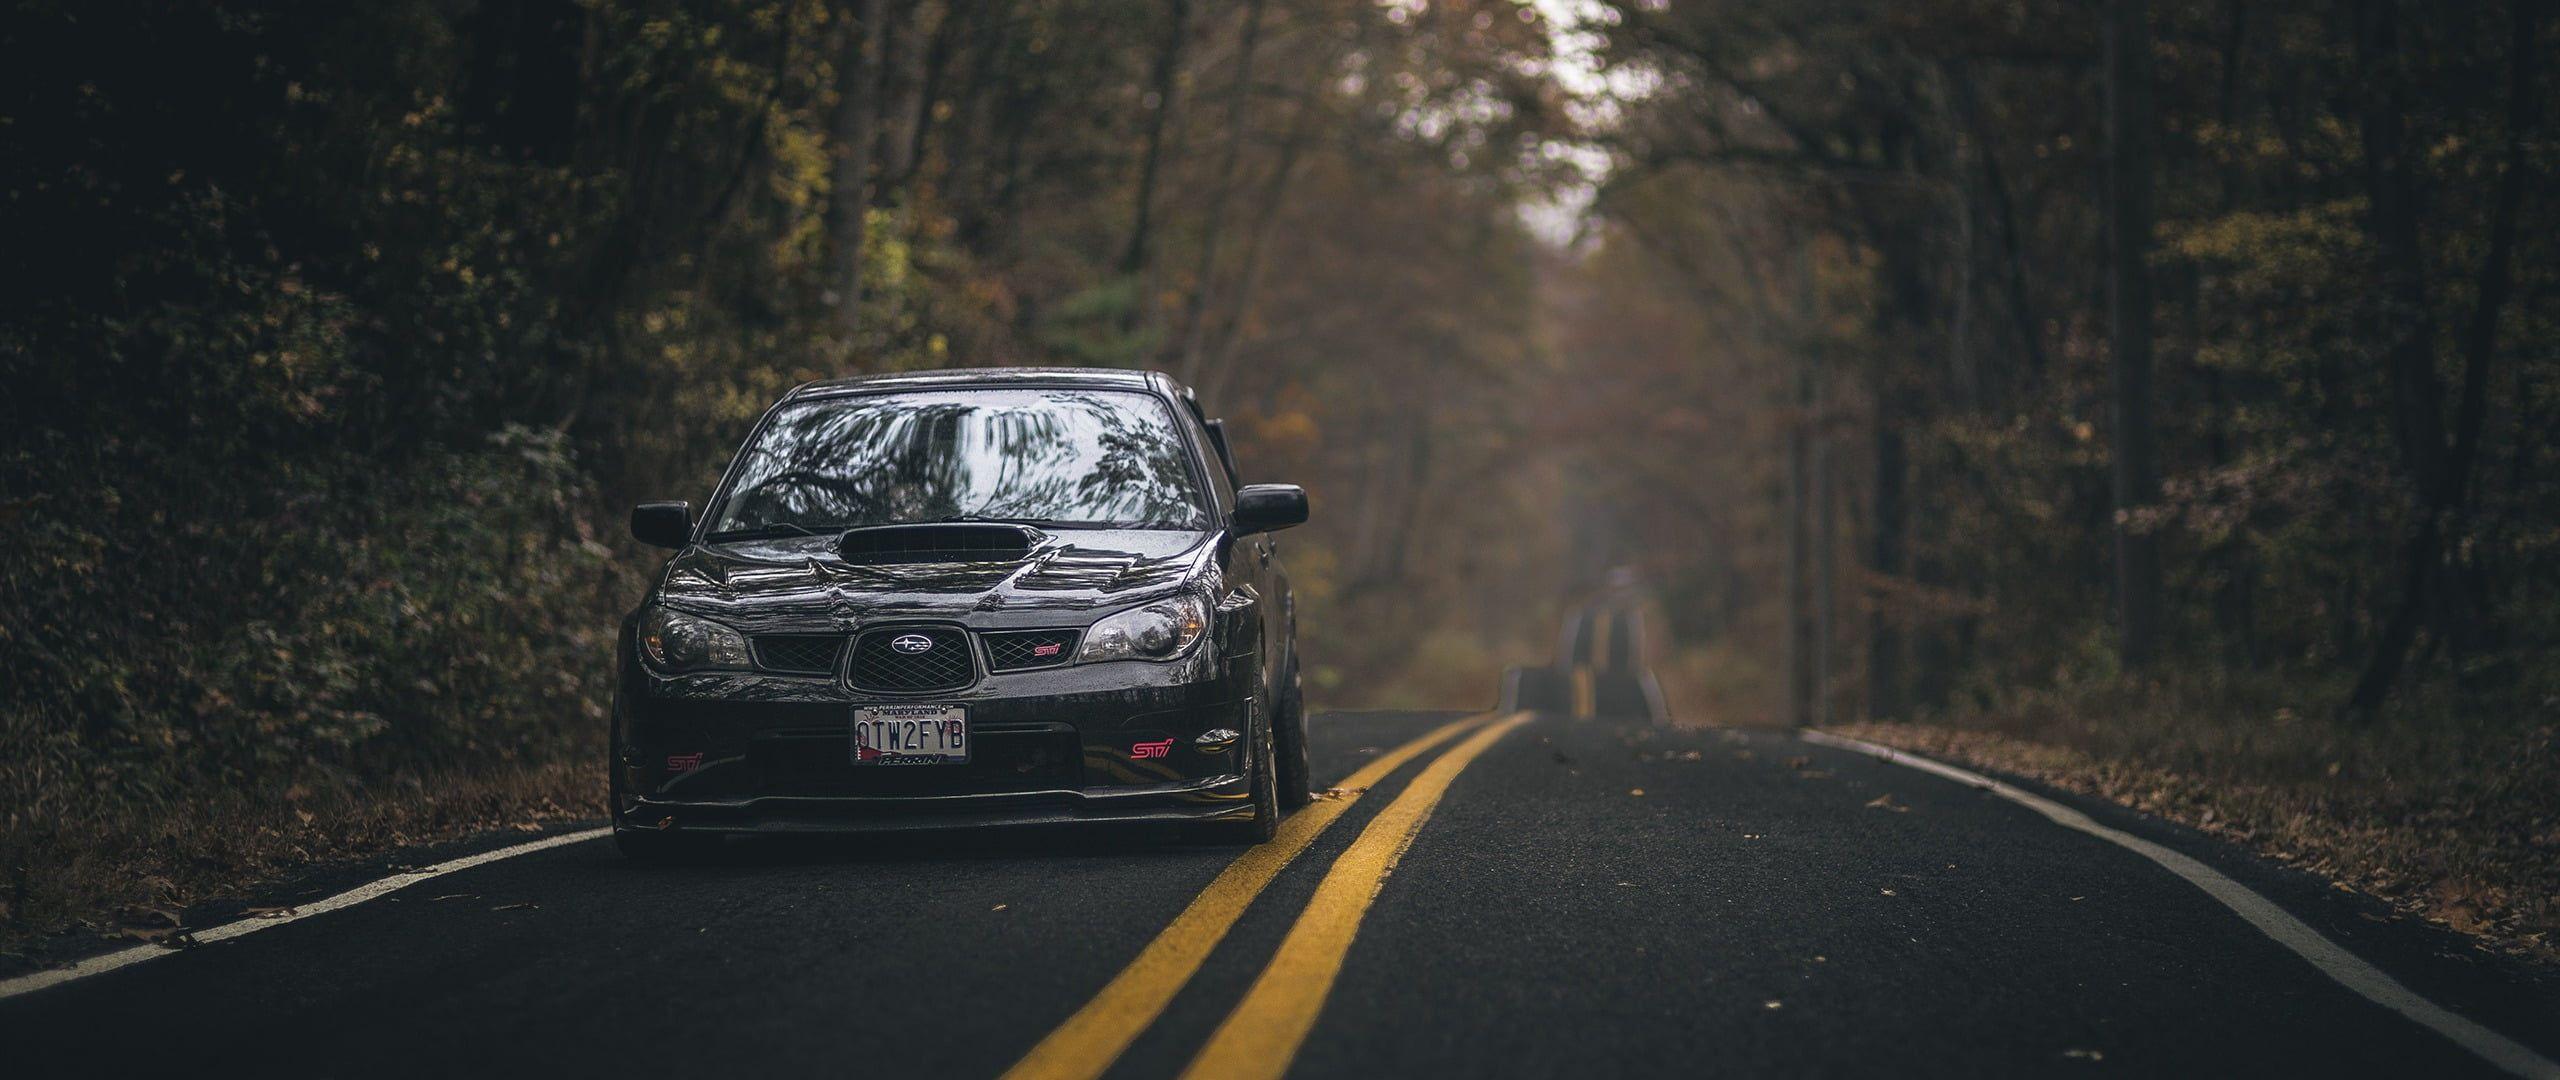 Black Ford Mustang Ultra Wide Car Subaru Impreza Rally 2k Wallpaper Hdwallpaper Desktop Subaru Impreza Impreza Subaru Hd wallpaper subaru black car road